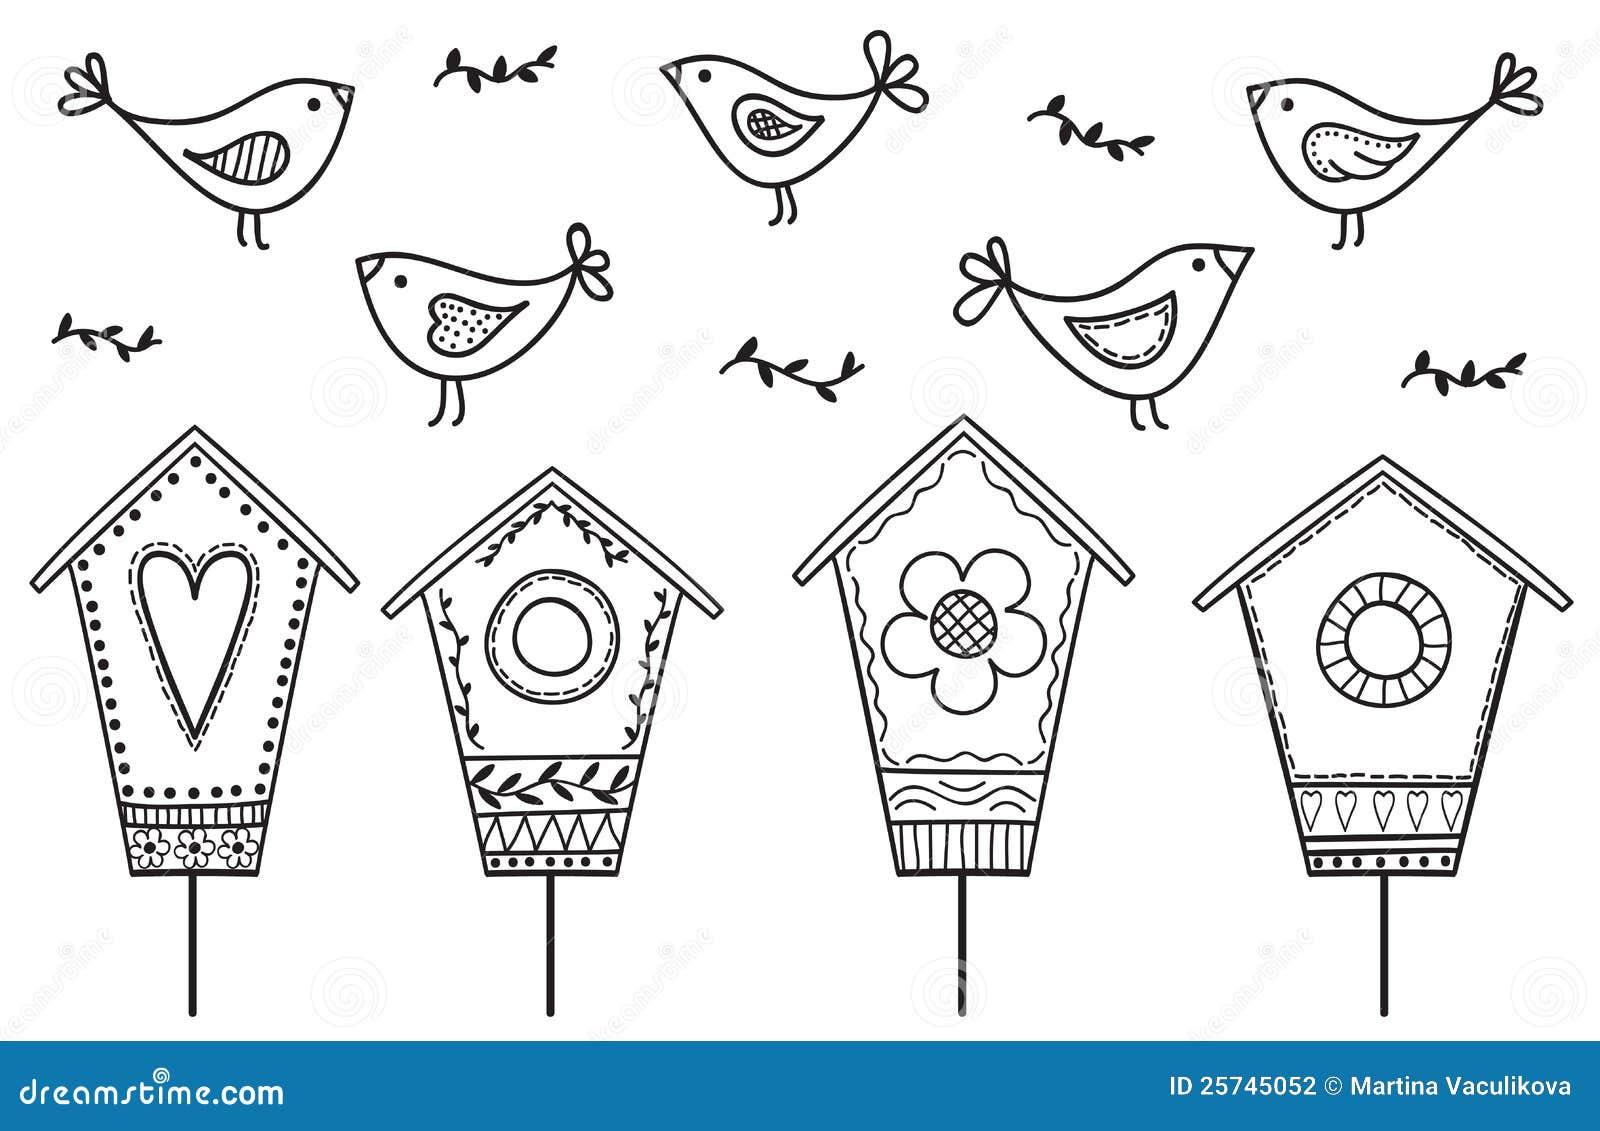 Pássaros e birdhouses